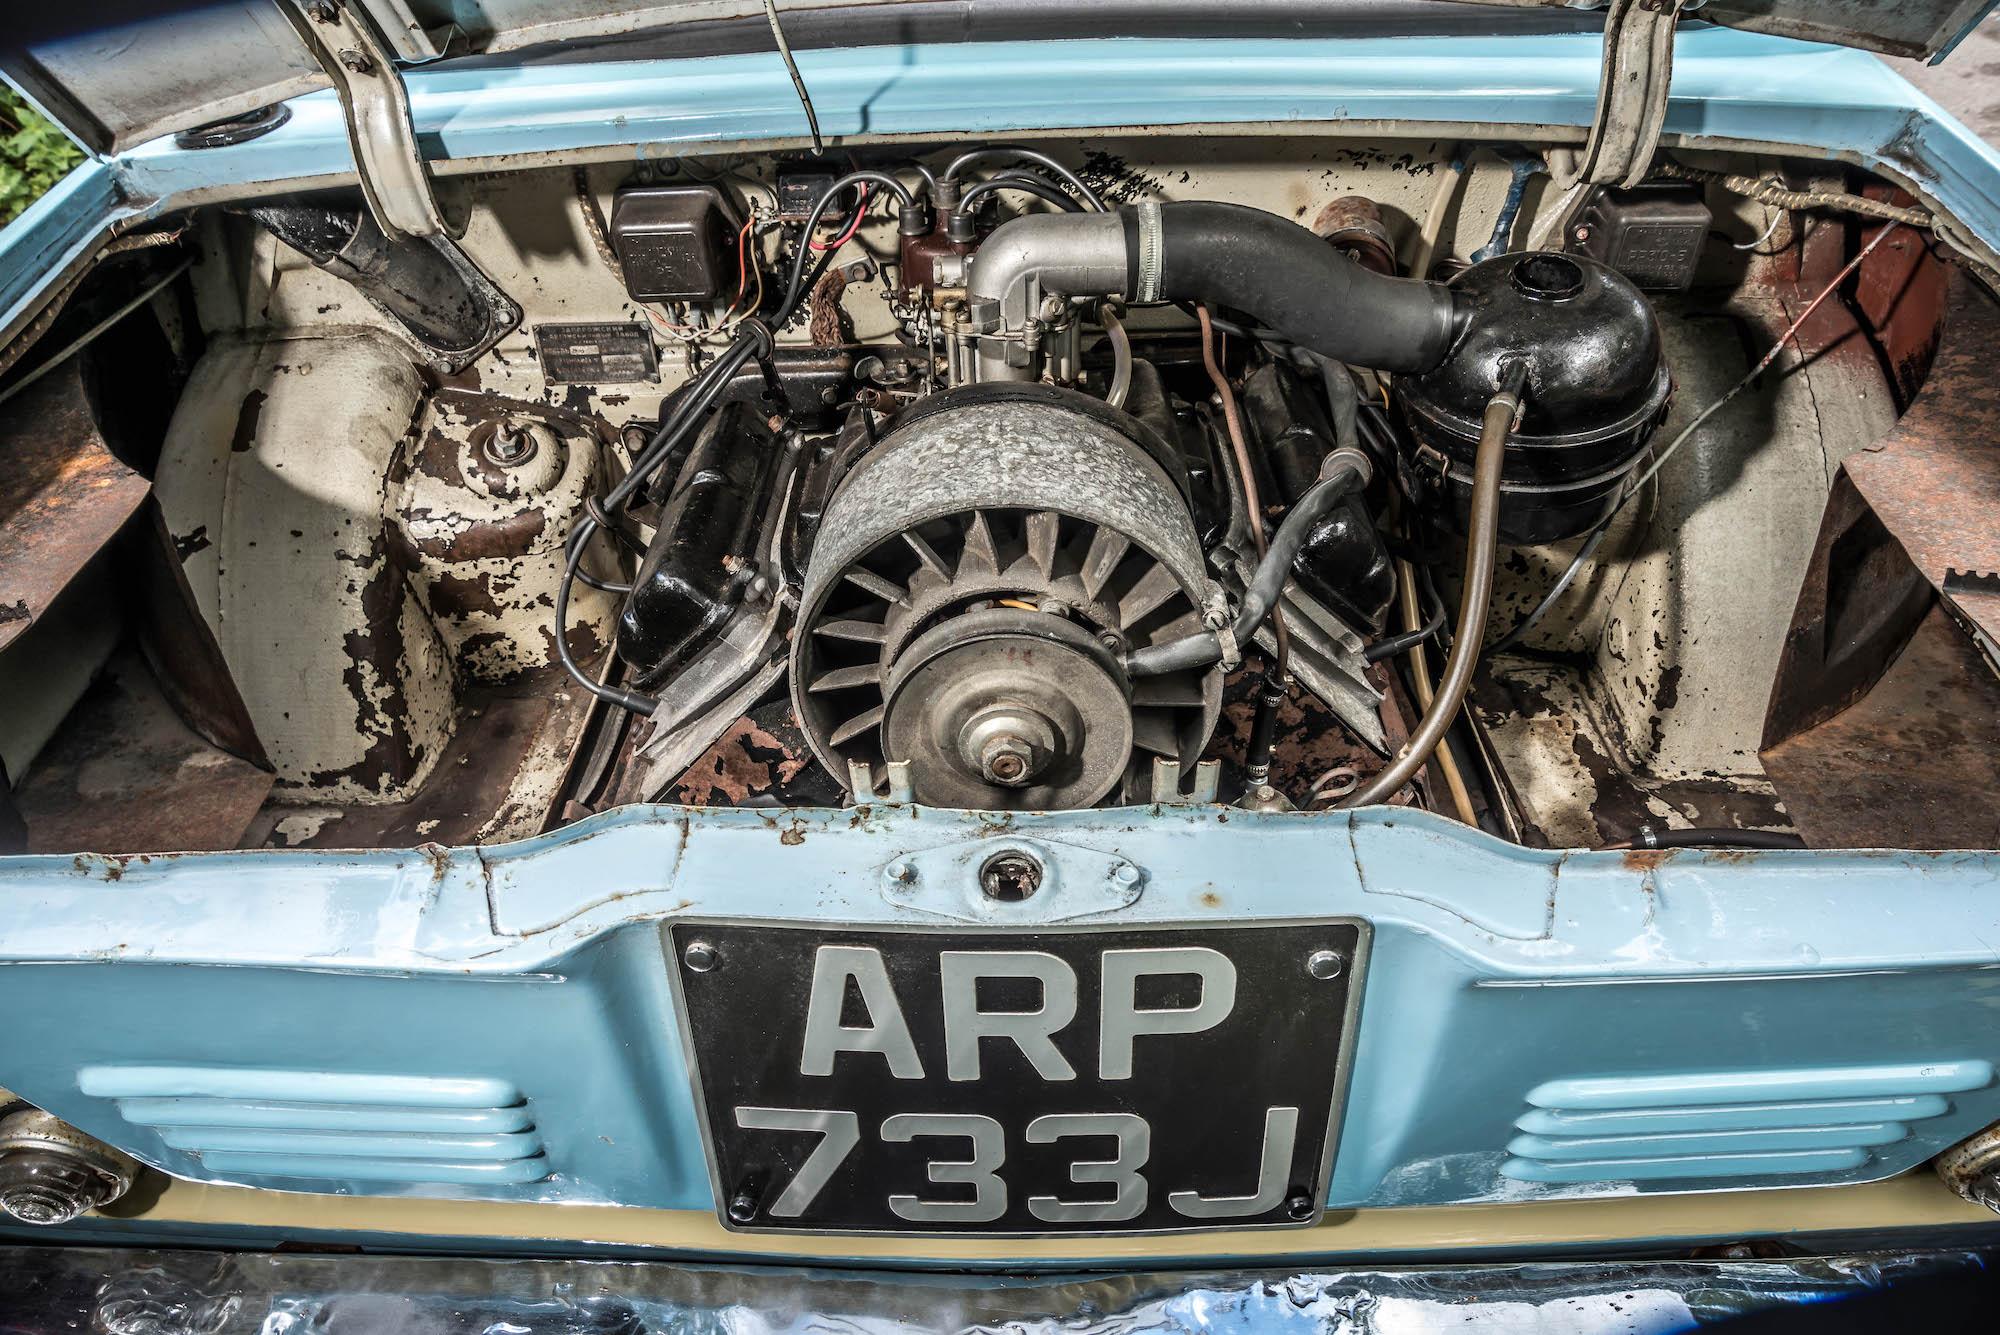 Zaporozhets 968 engine